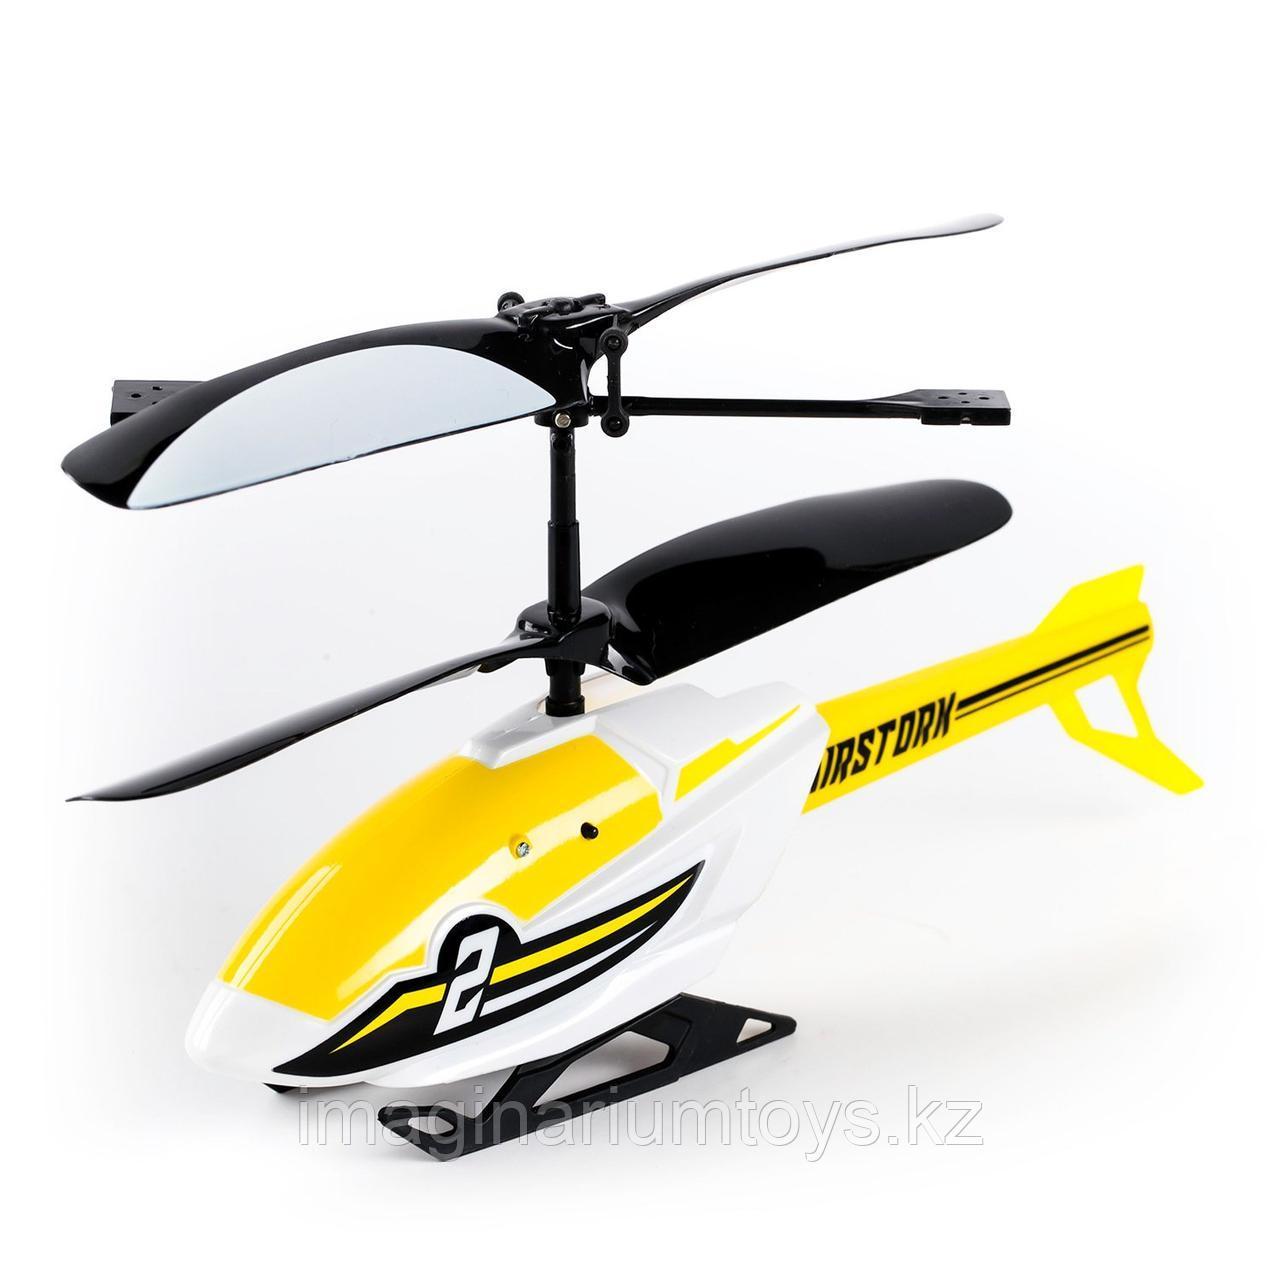 Вертолет на радиоуправлении Эйр Сторк Silverlit